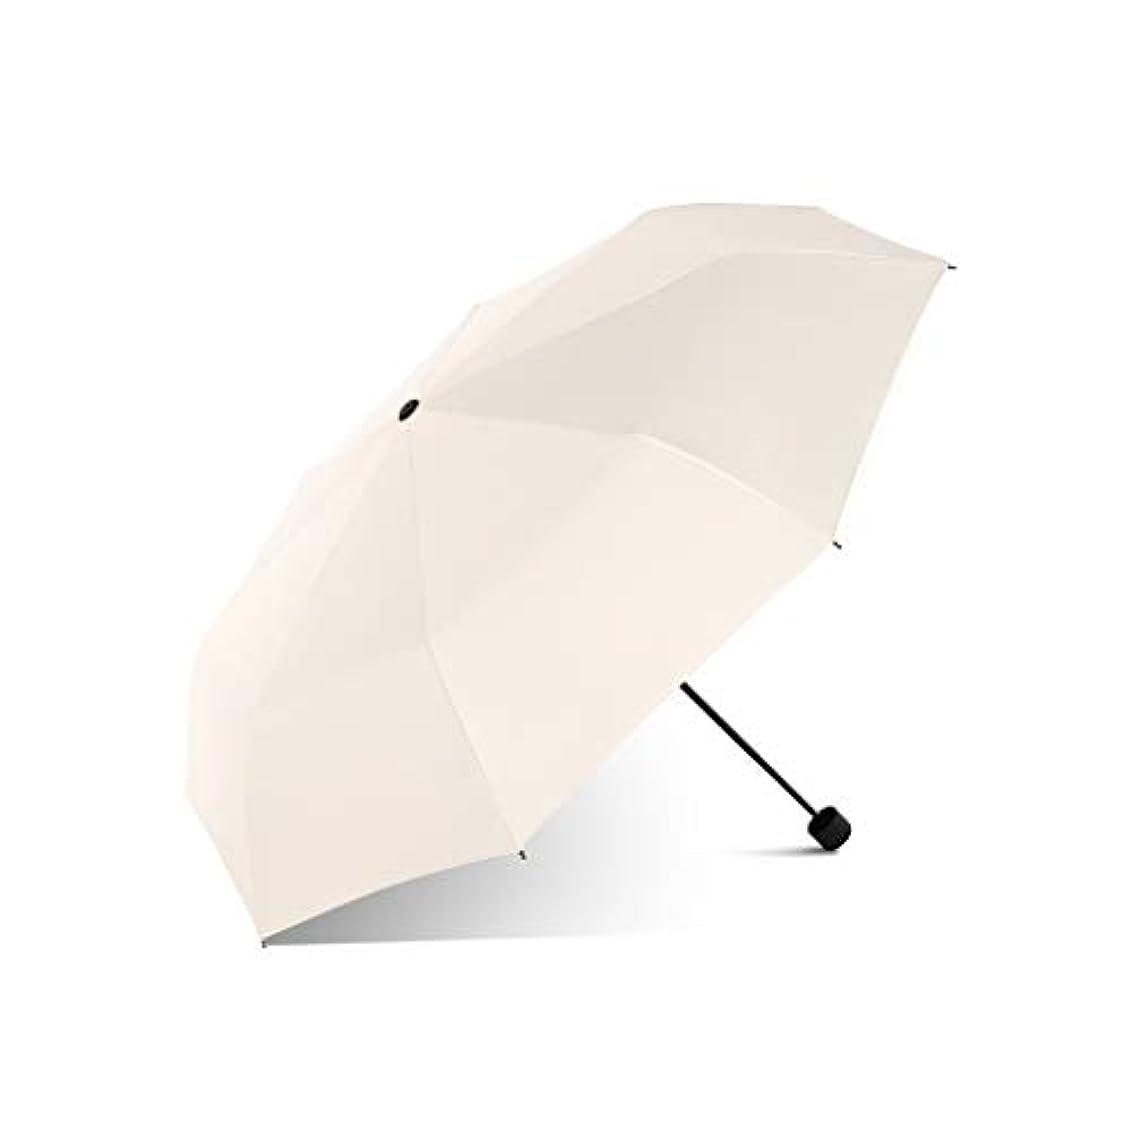 ポーチ乙女疑問に思う日傘男性と女性傘傘傘超軽量UV家庭用傘折りたたみ屋外特別小さな便利な日焼け止め防水日傘 (色 : Cream color)